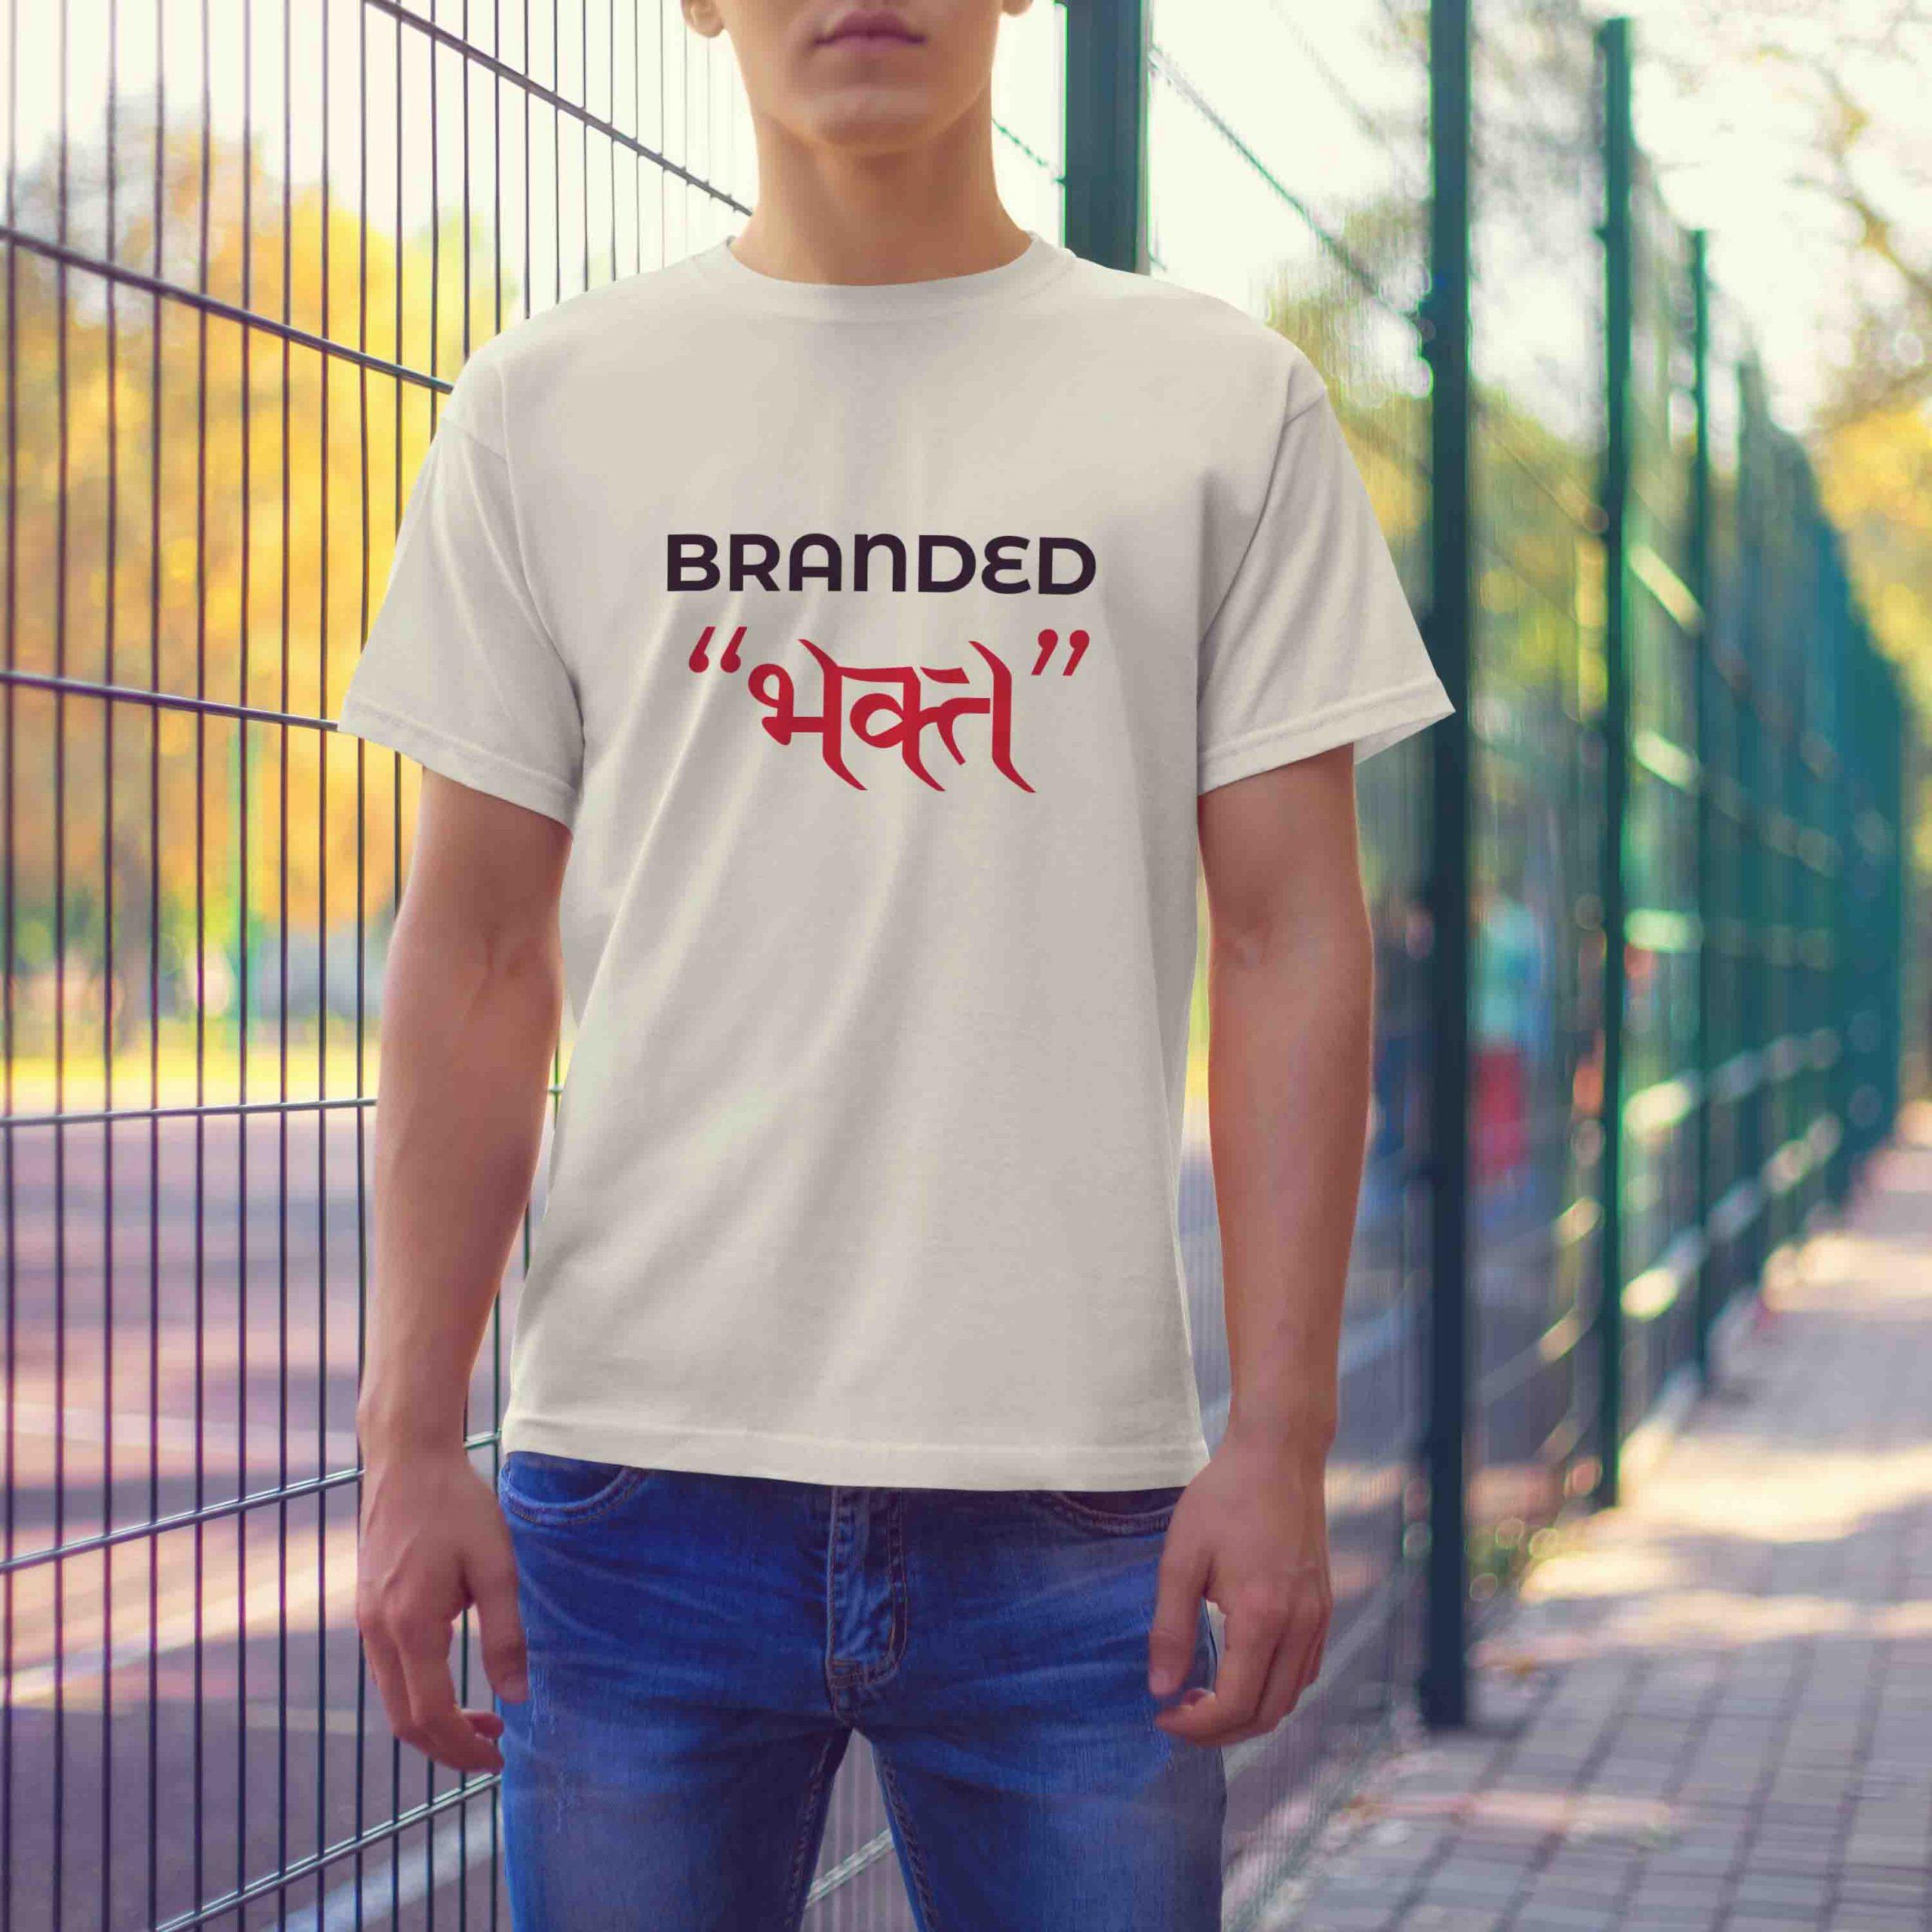 Branded Bhakt t shirt for men